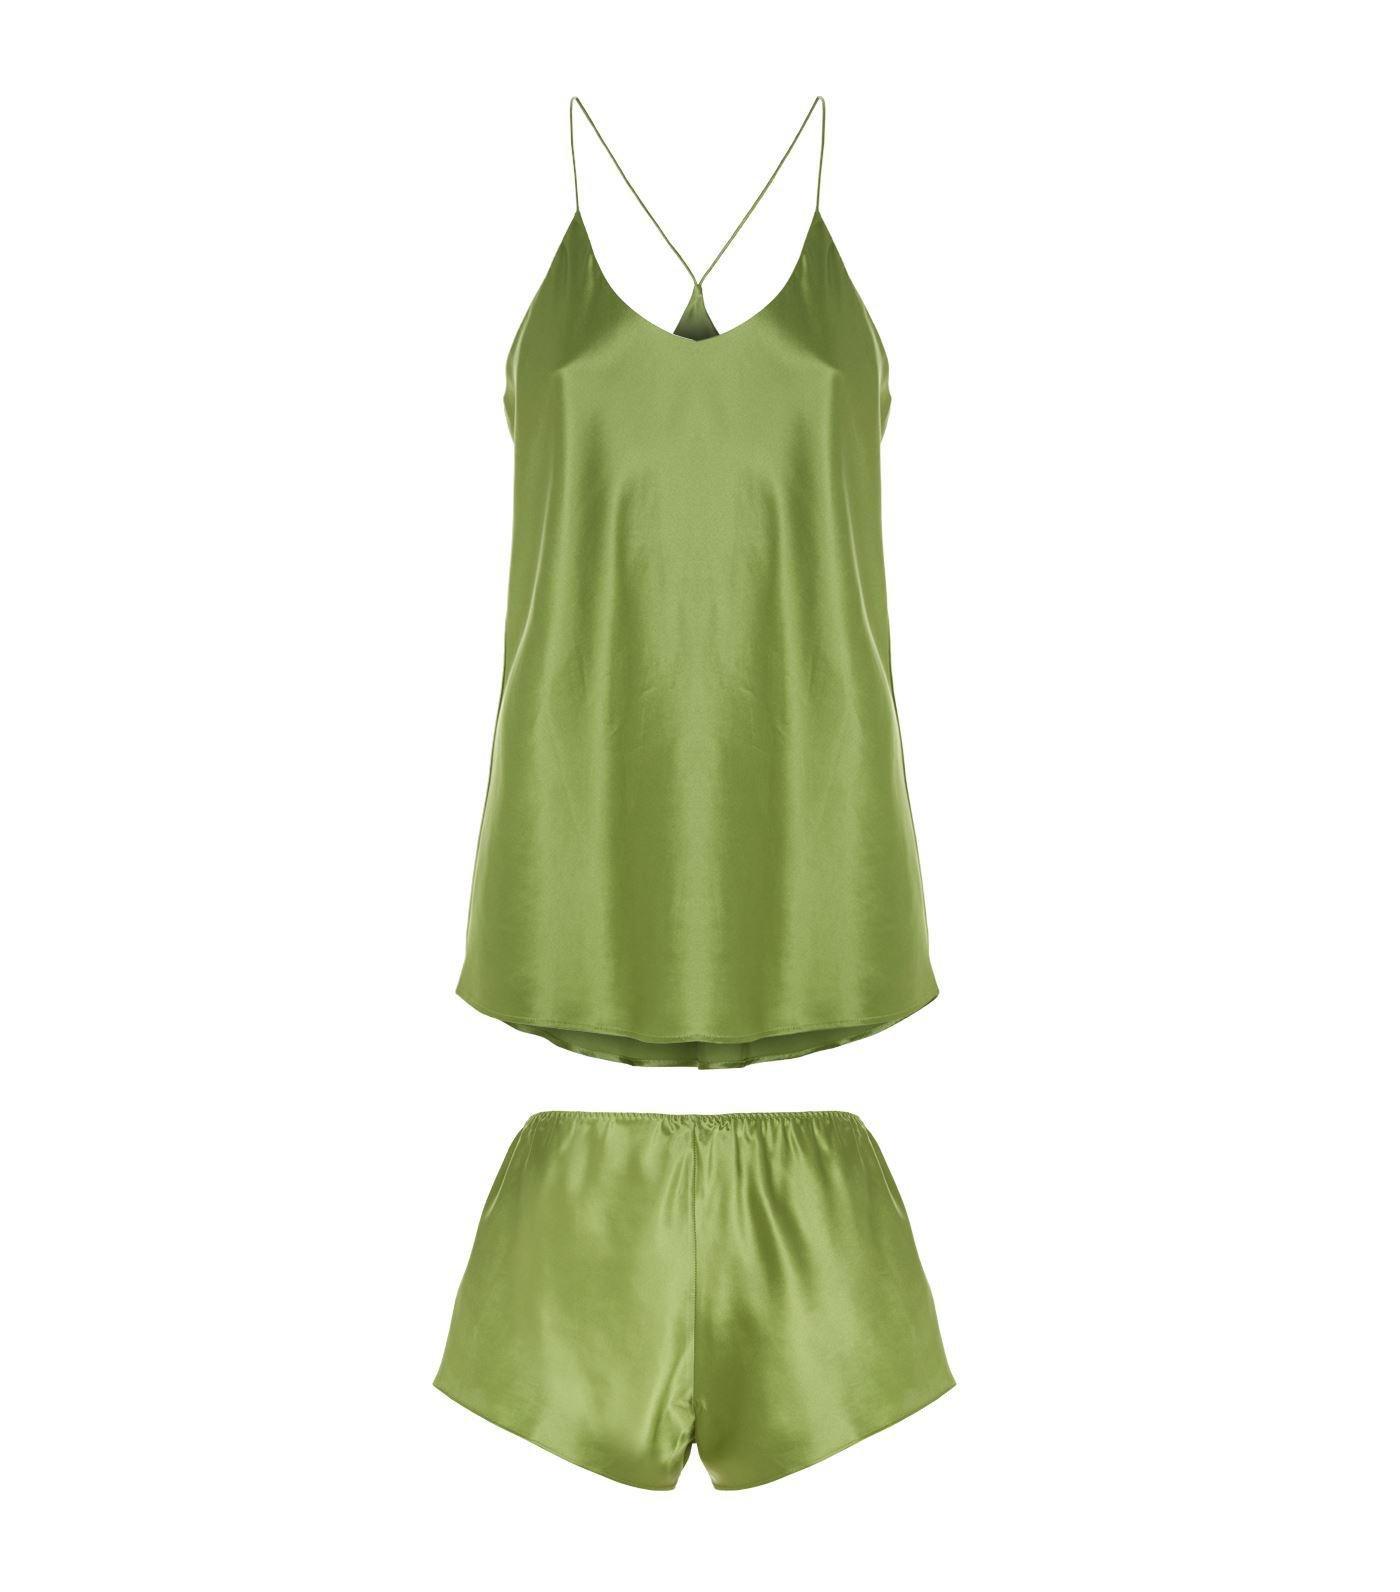 Olivia Von Halle Bella Matcha Short Pyjama Set in Green - Lyst 573aab7a9